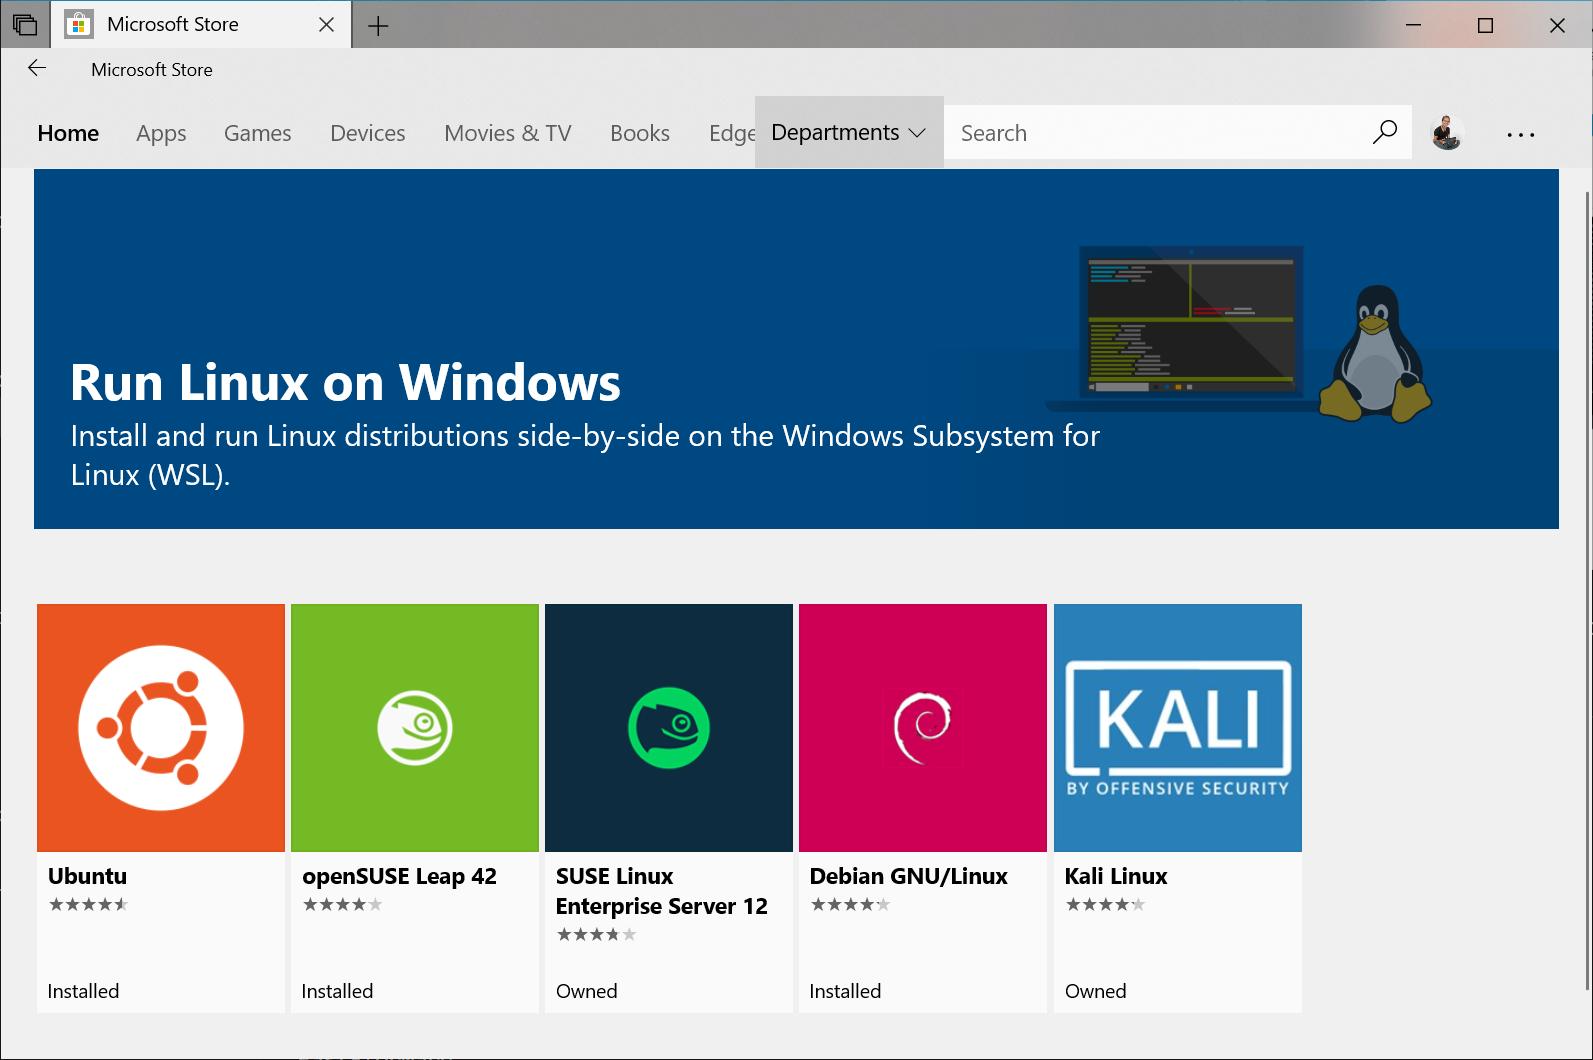 استفاده از لینوکس در ویندوز